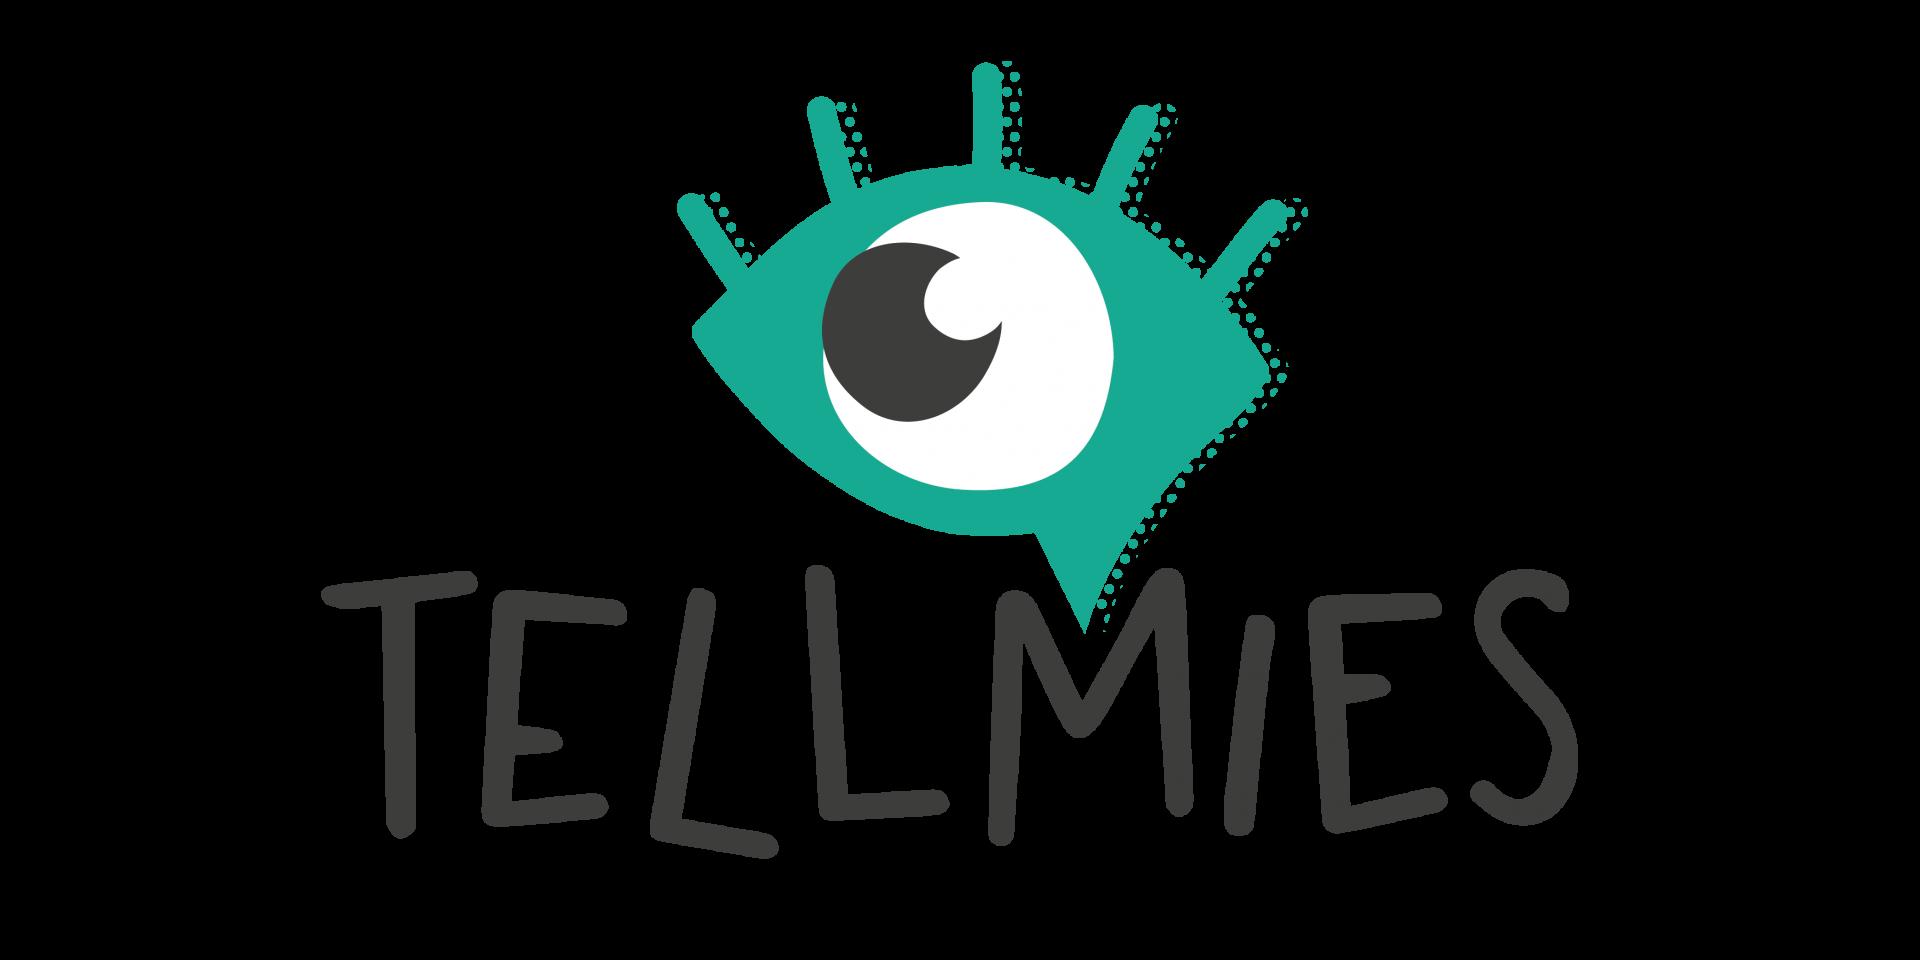 Wat zijn Tellmies?